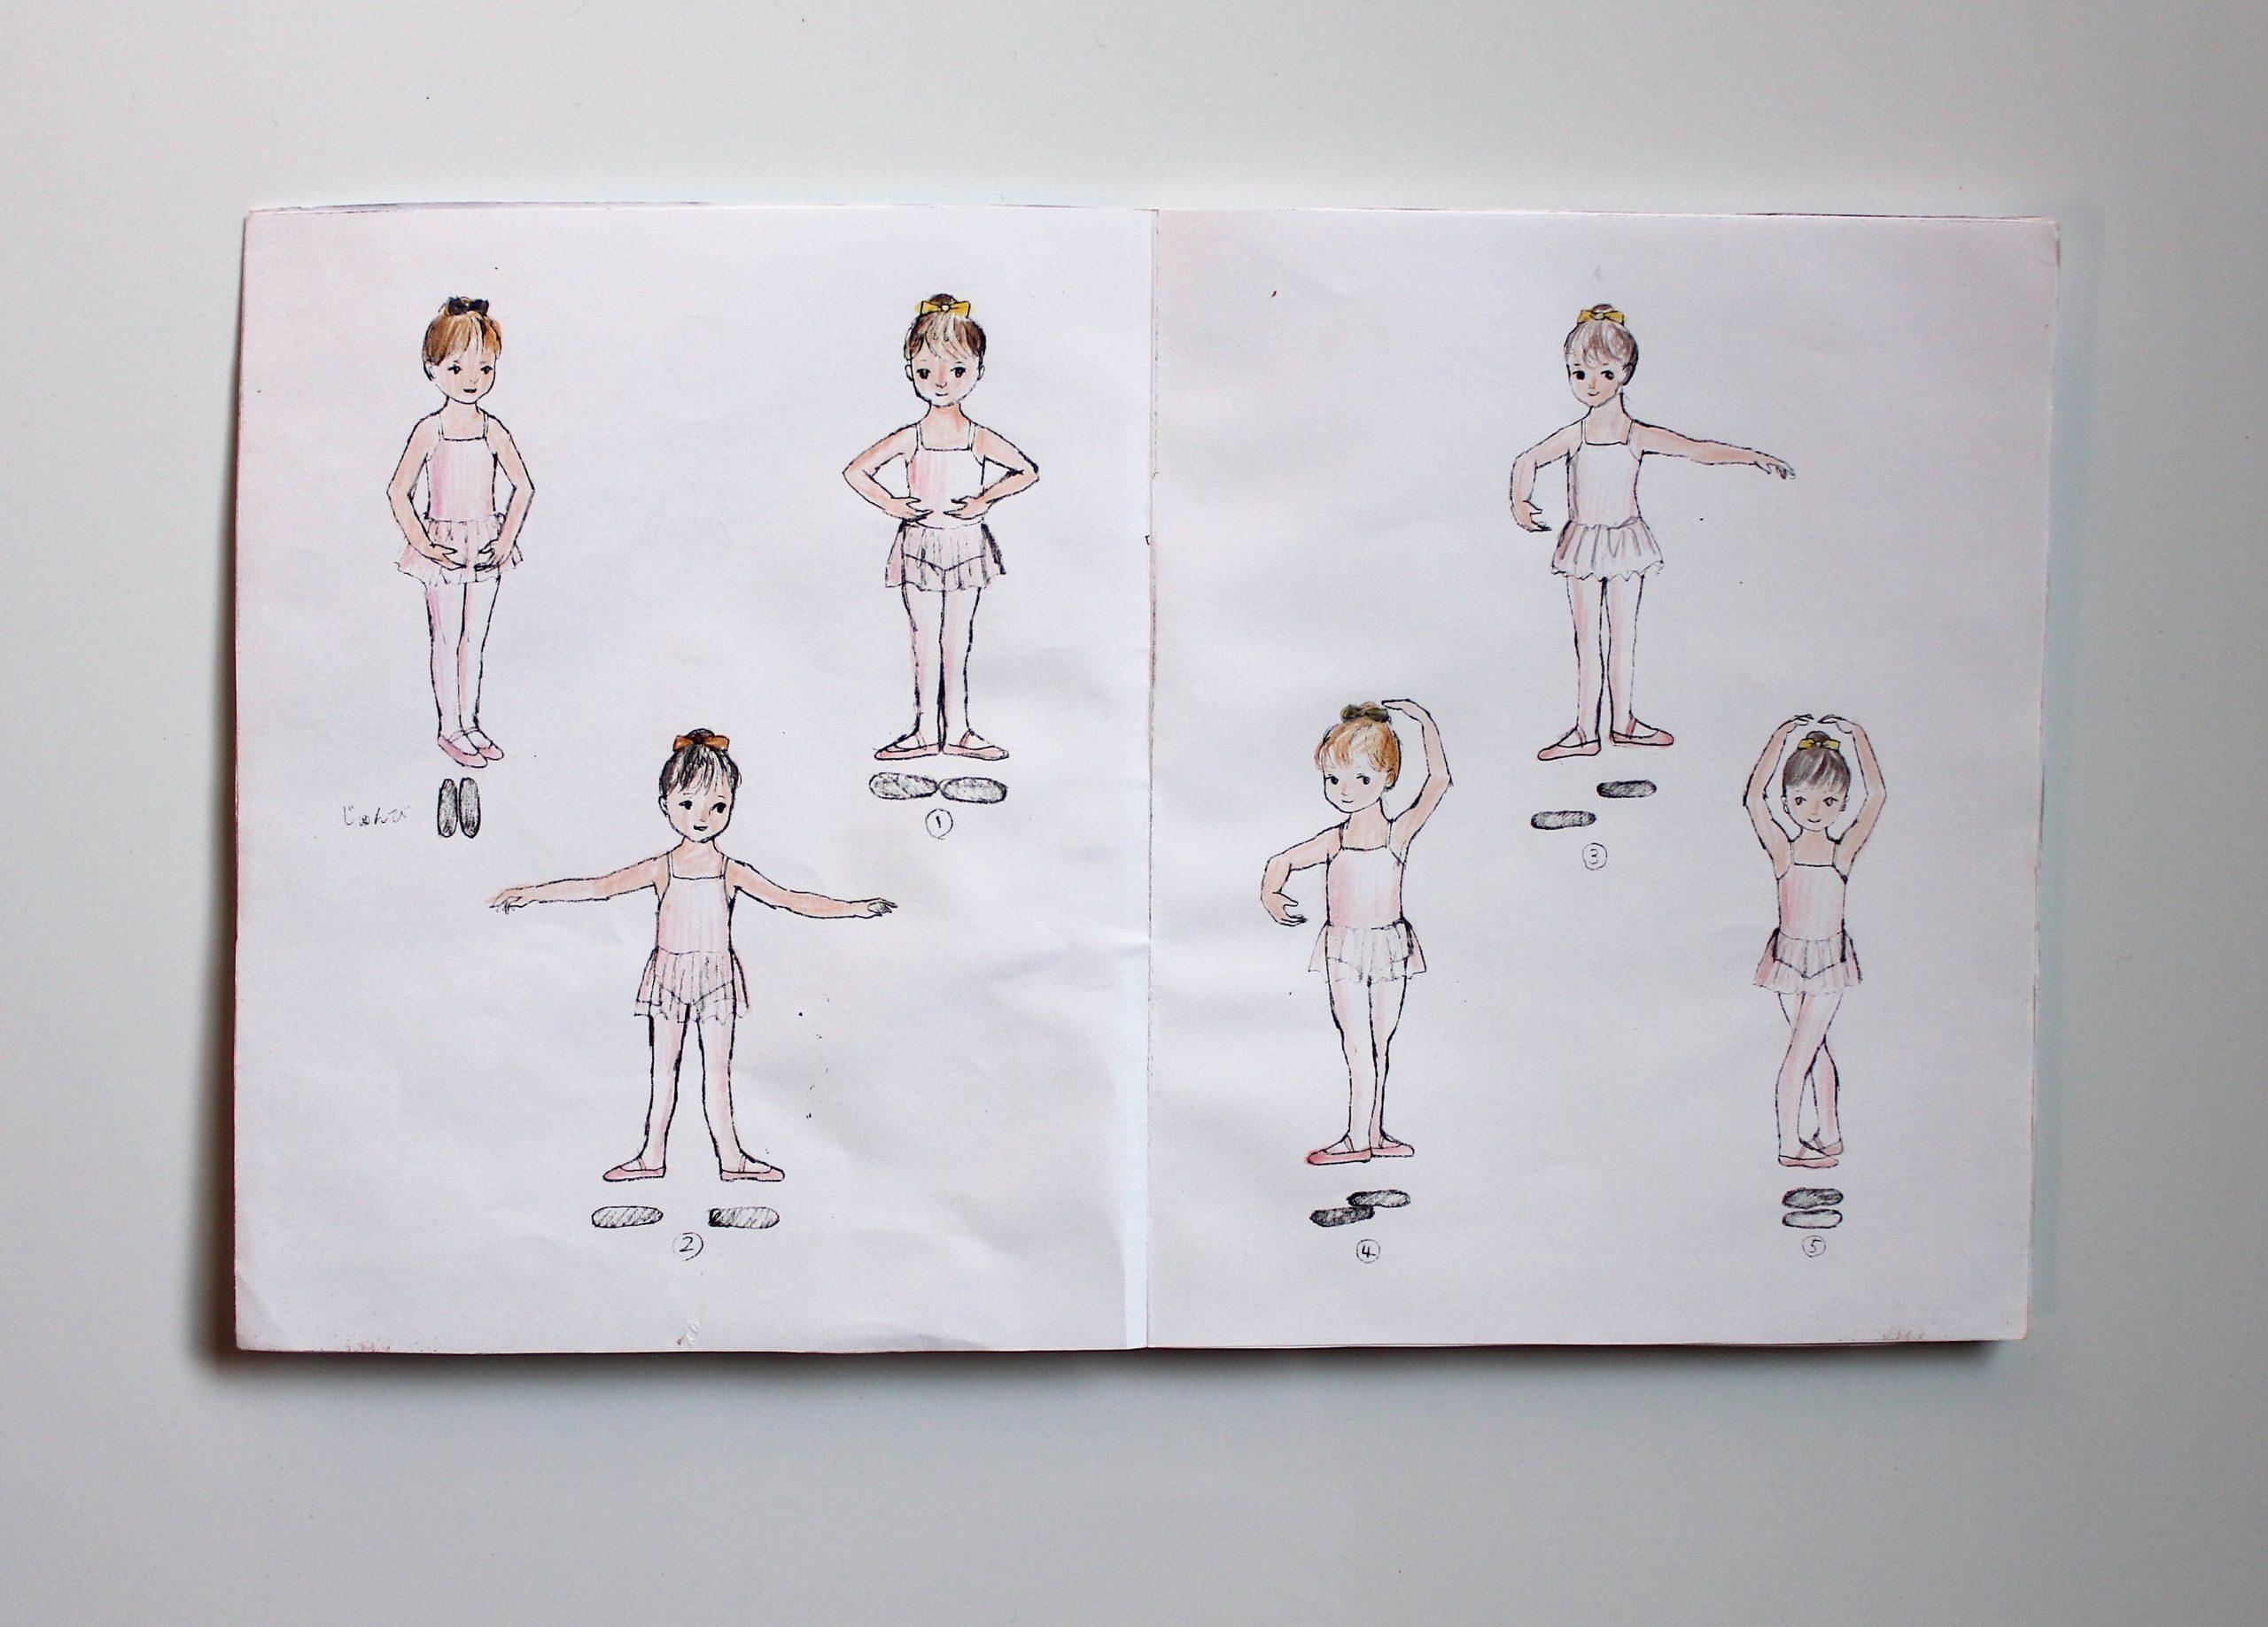 バレエ絵本を書くまで&描くまで。ラフや束見本など。